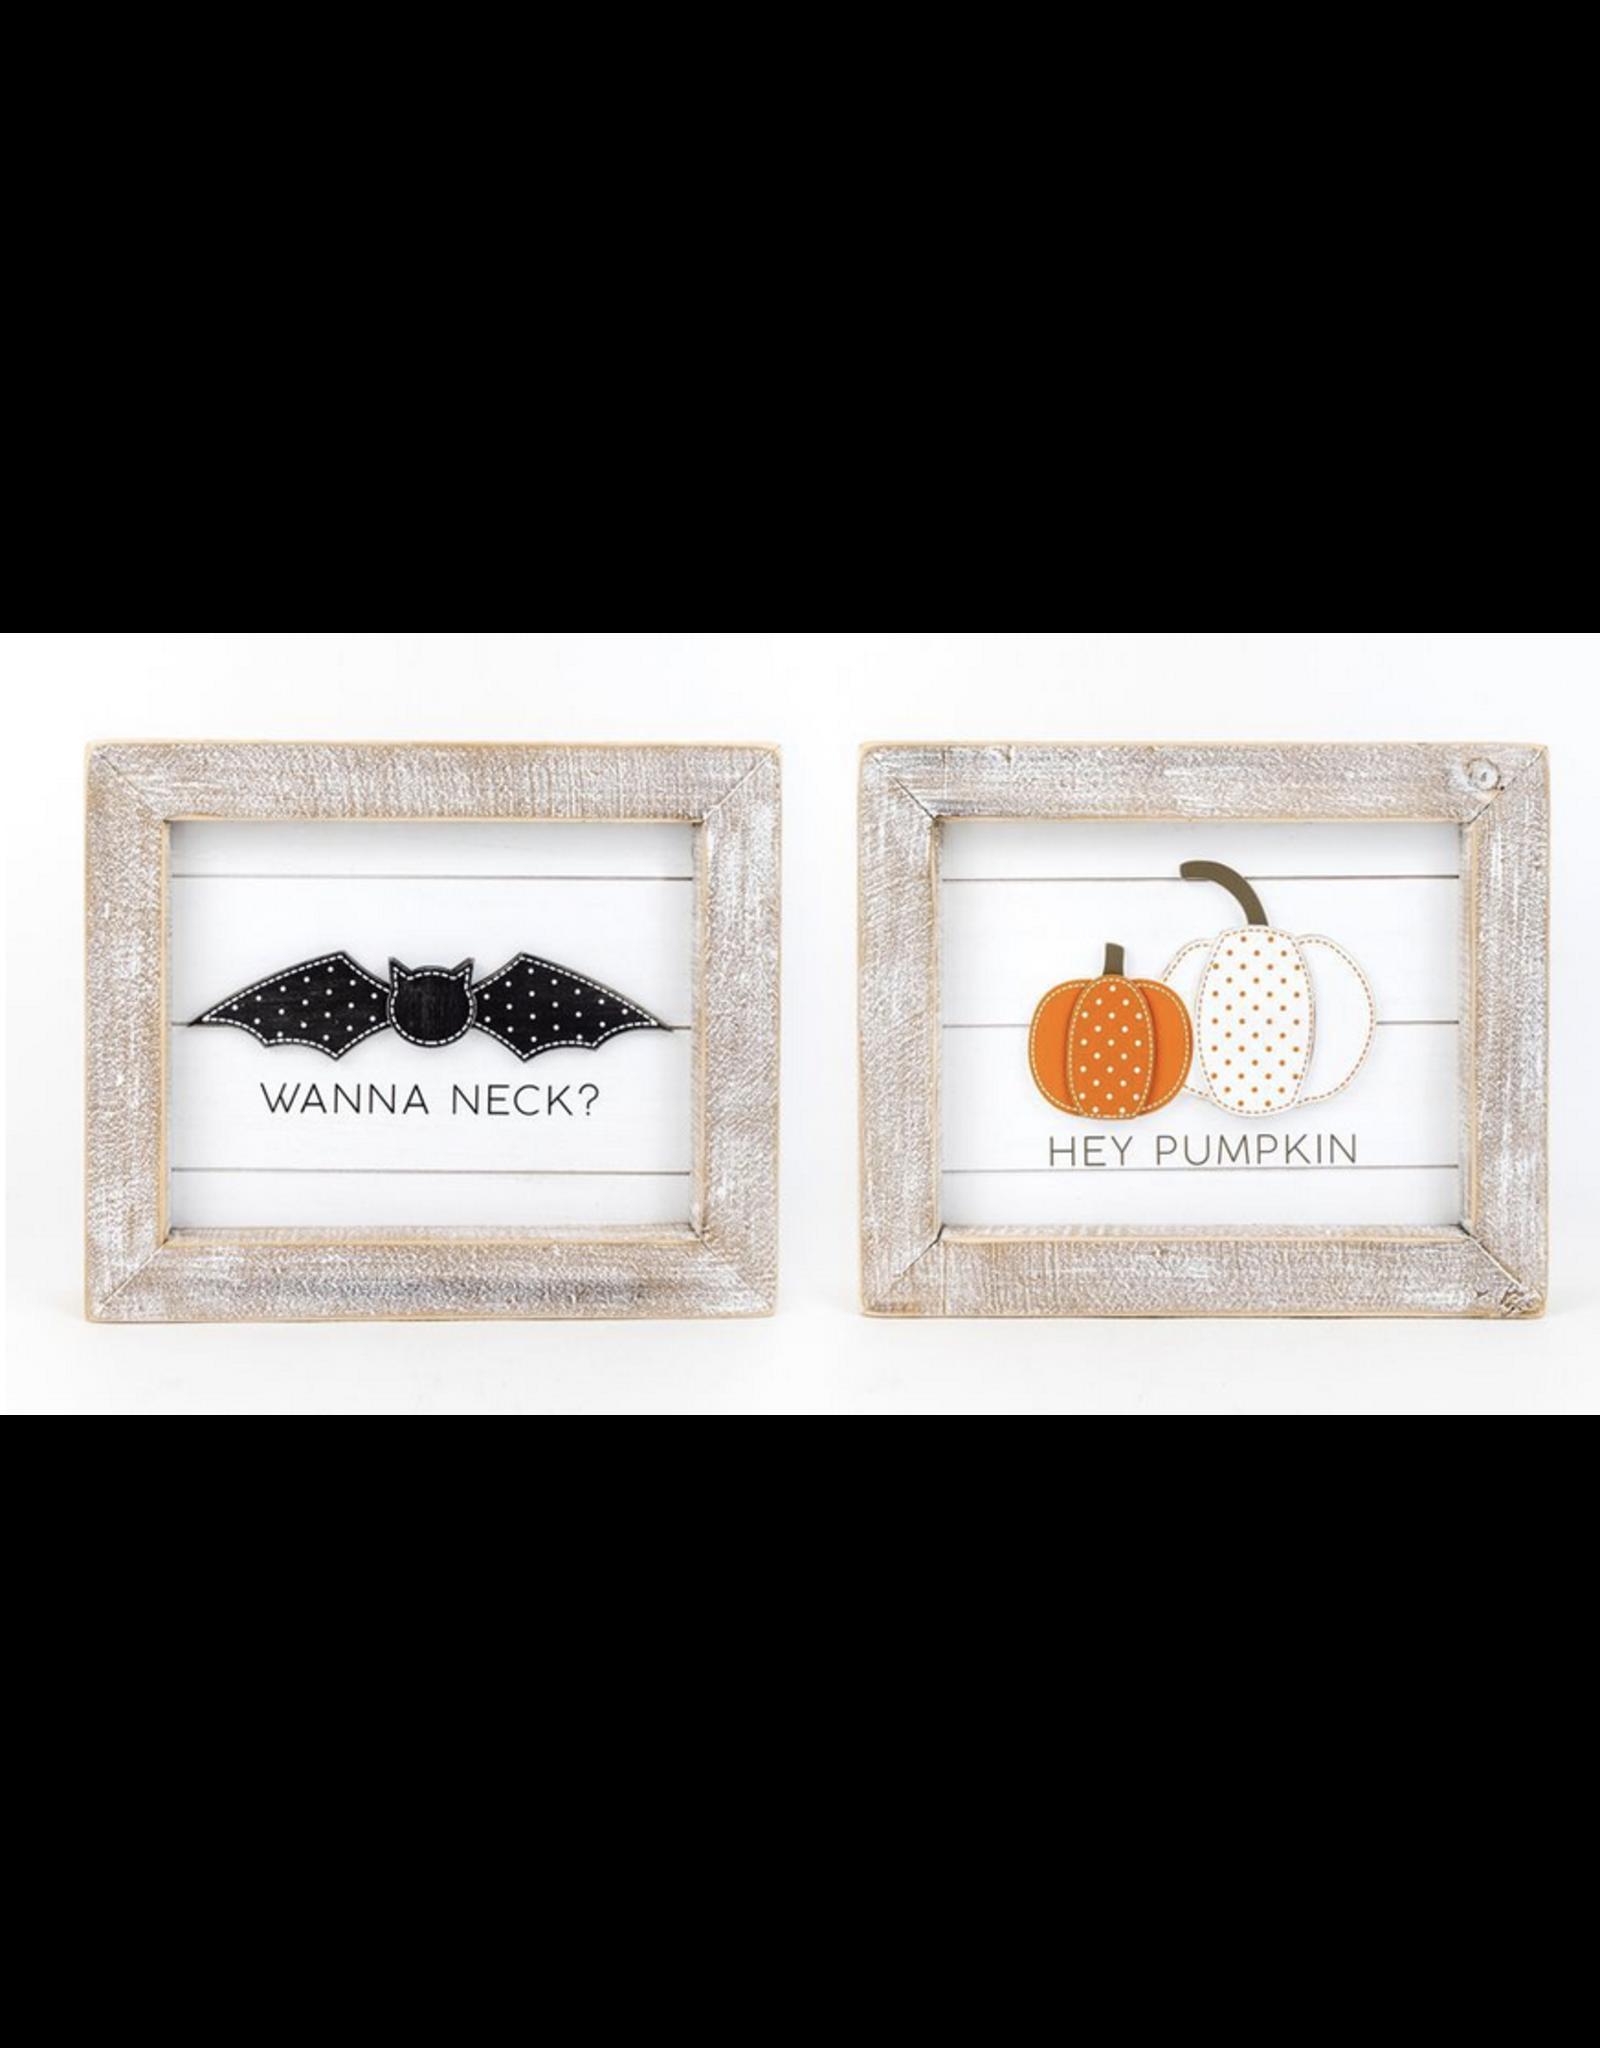 Adams & Co. Wanna Neck/Hey Pumpkin Reversible Sign 12 x 10